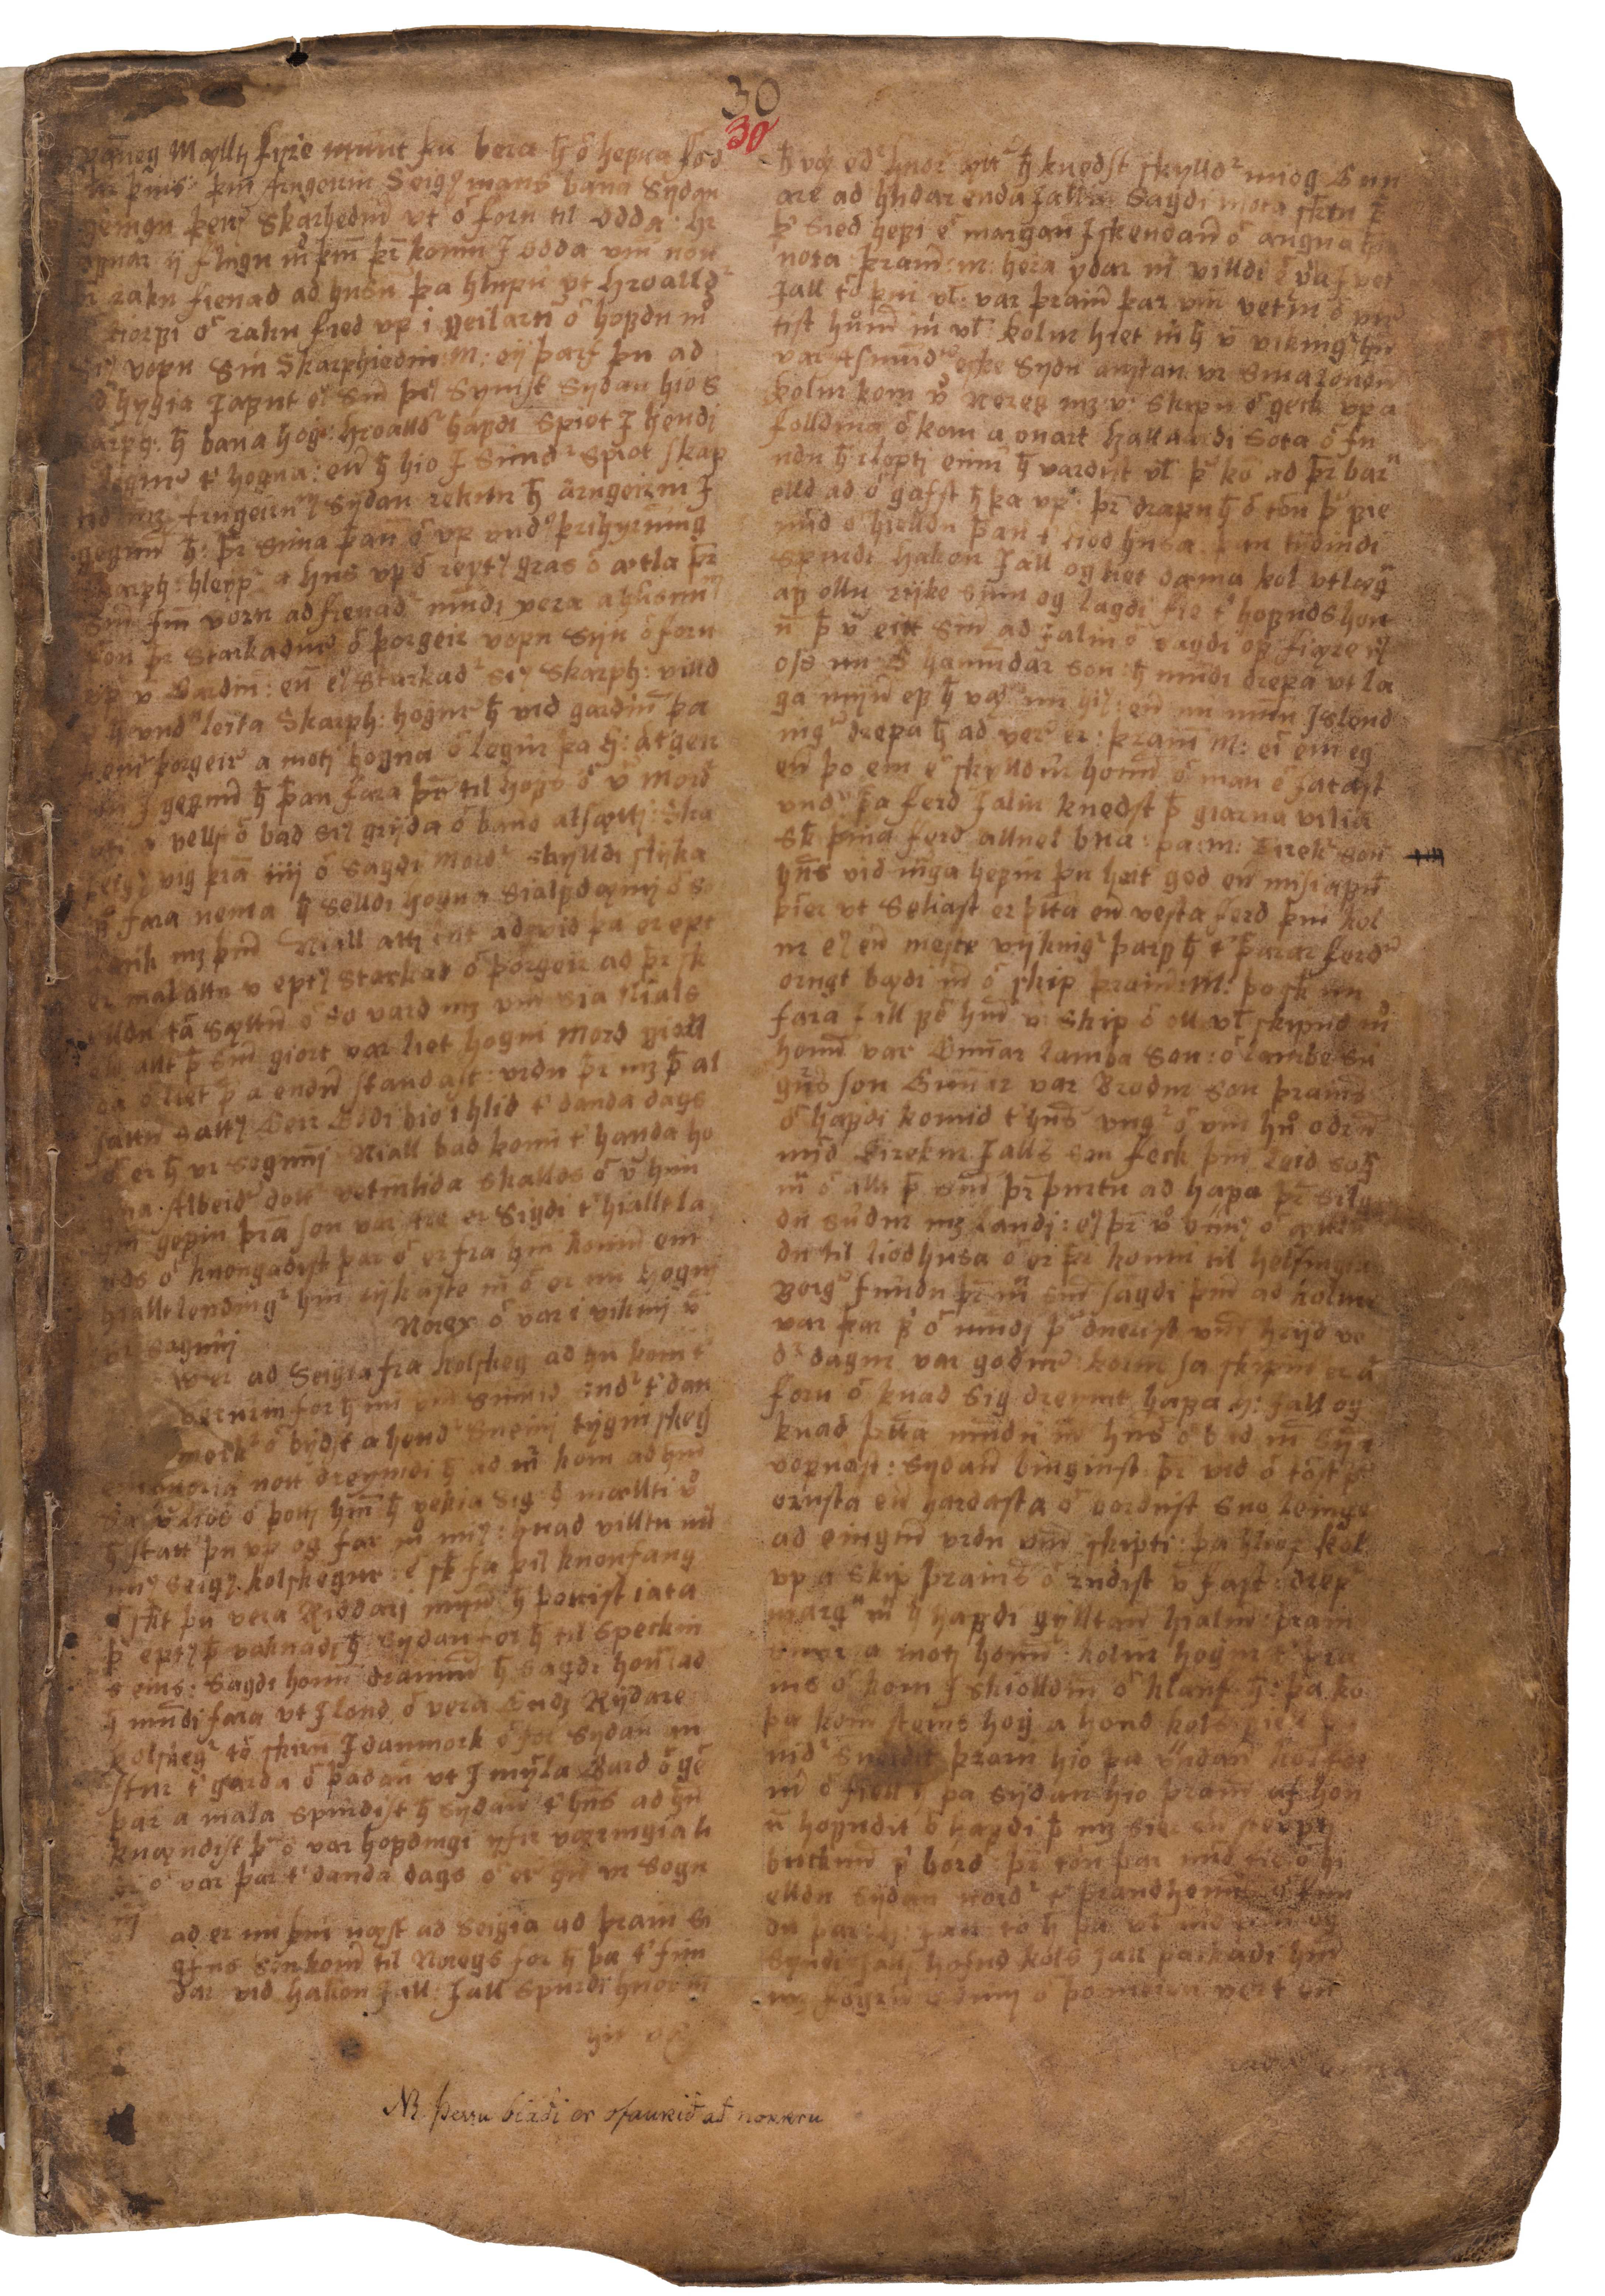 AM 132 fol - 30r